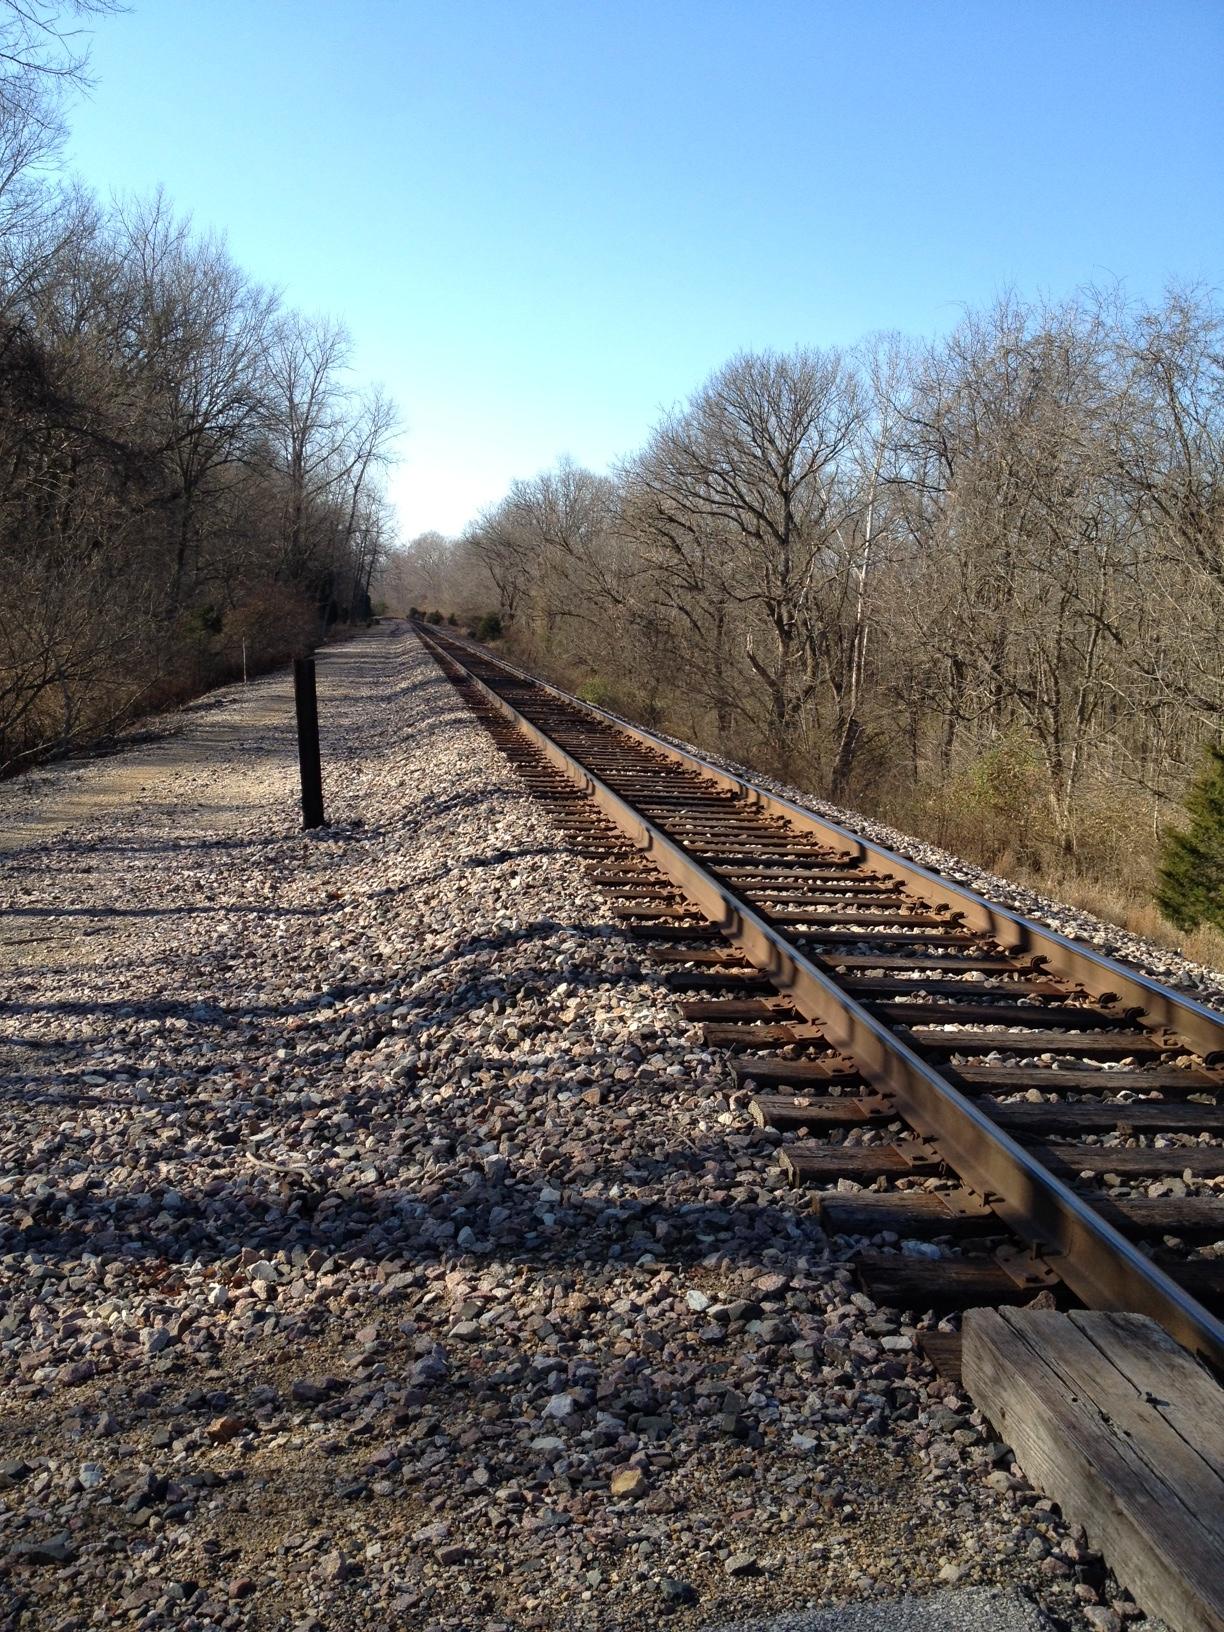 chubb-trail-railroad